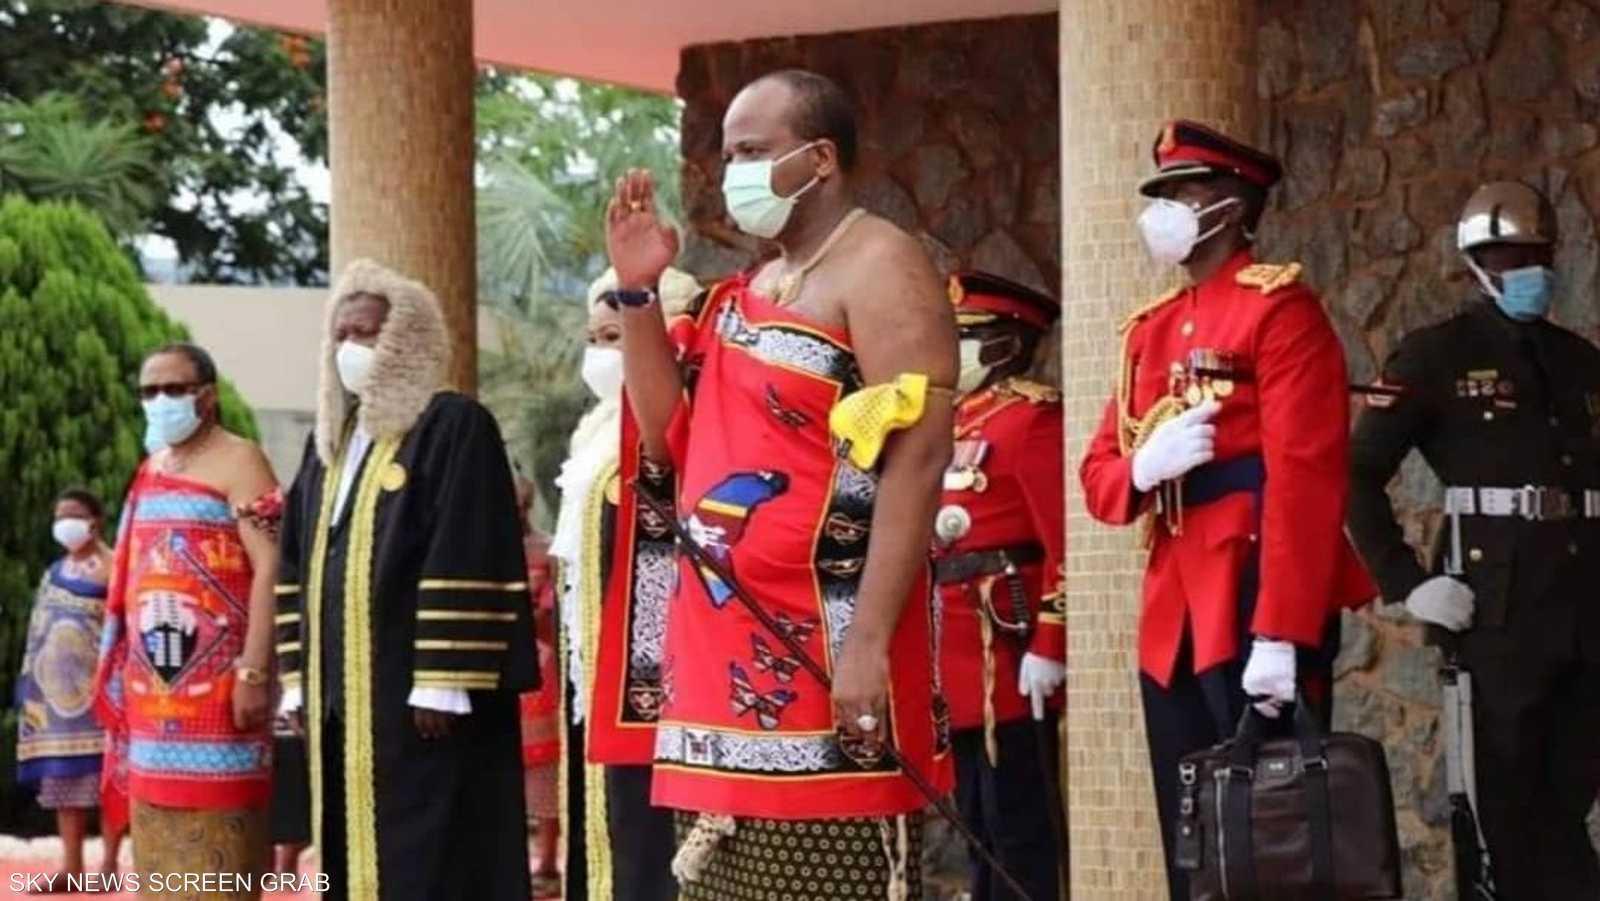 ملك سوازيلاند يلعب دورا مهيمنا في البلاد